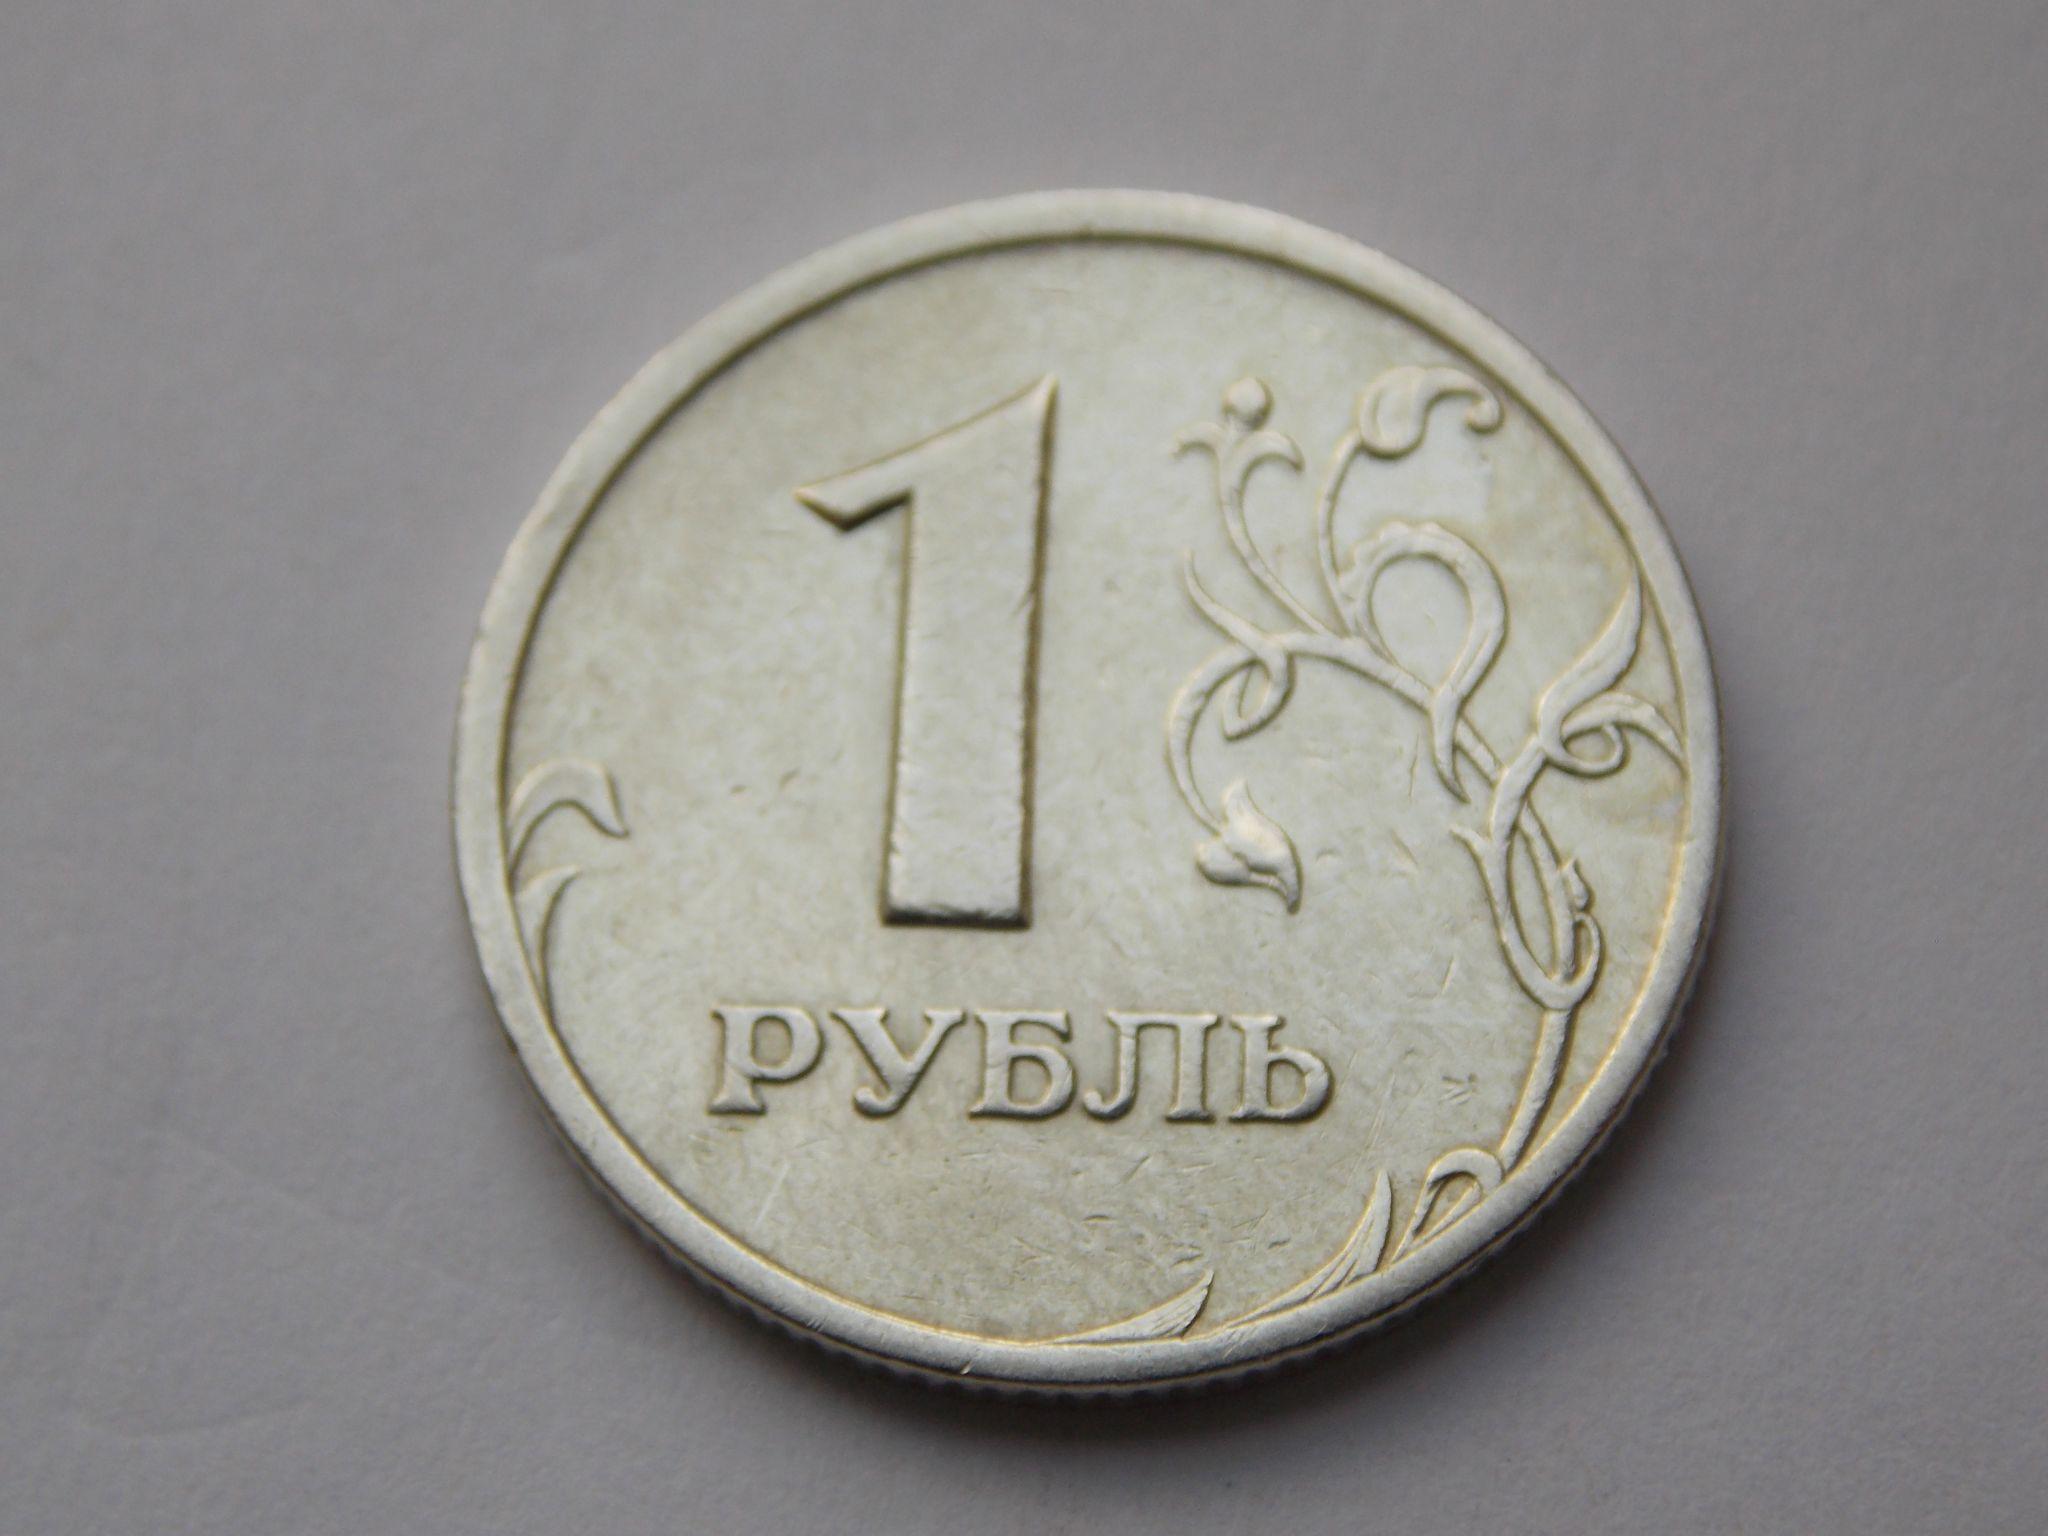 реверс рублевой монеты 2003 года